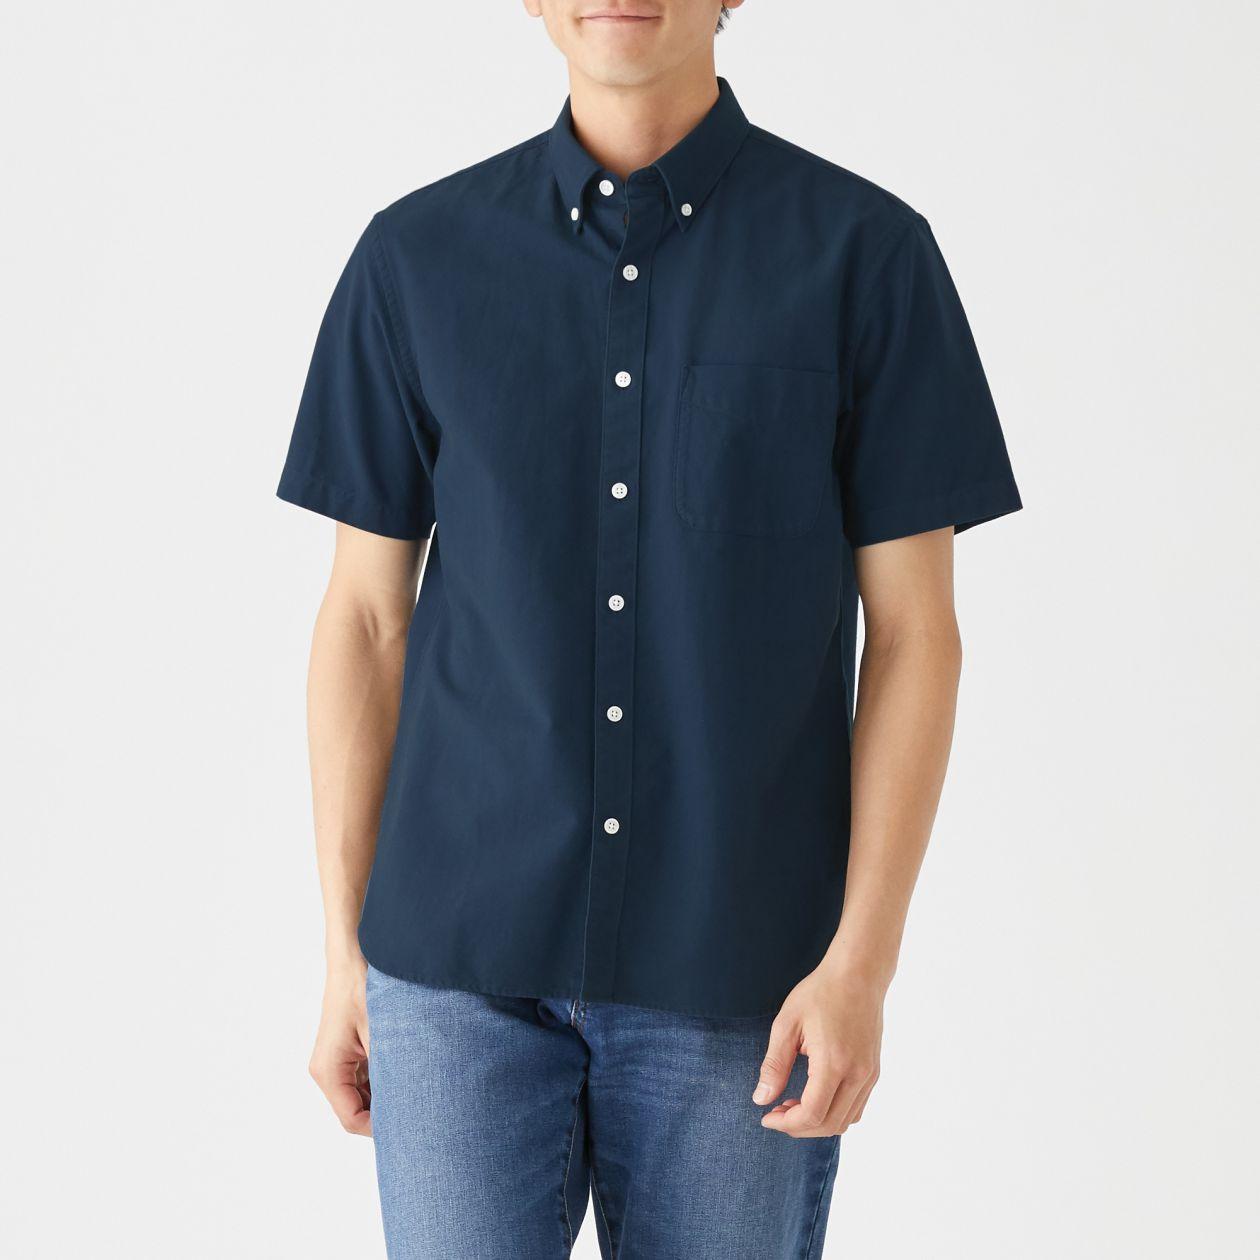 新疆綿洗いざらしオックスボタンダウン半袖シャツ